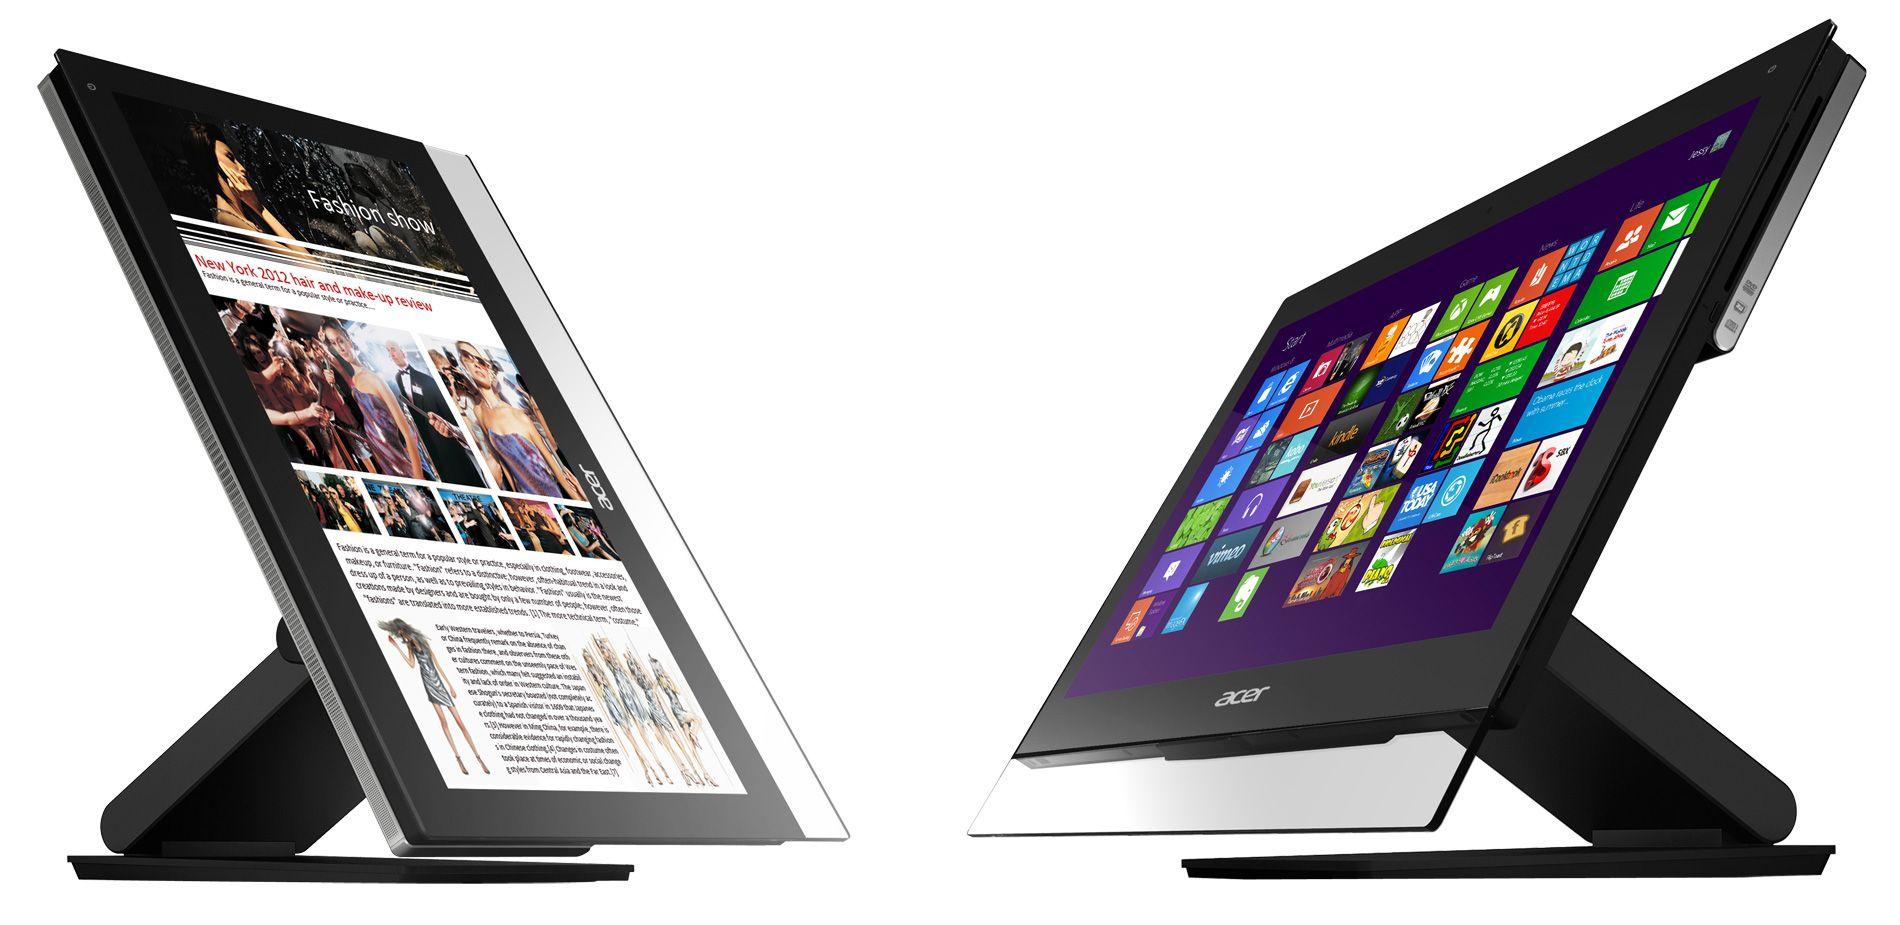 Acers nye alt-i-ett-maskiner er både tynne og berøringsfølsomme.Foto: Acer